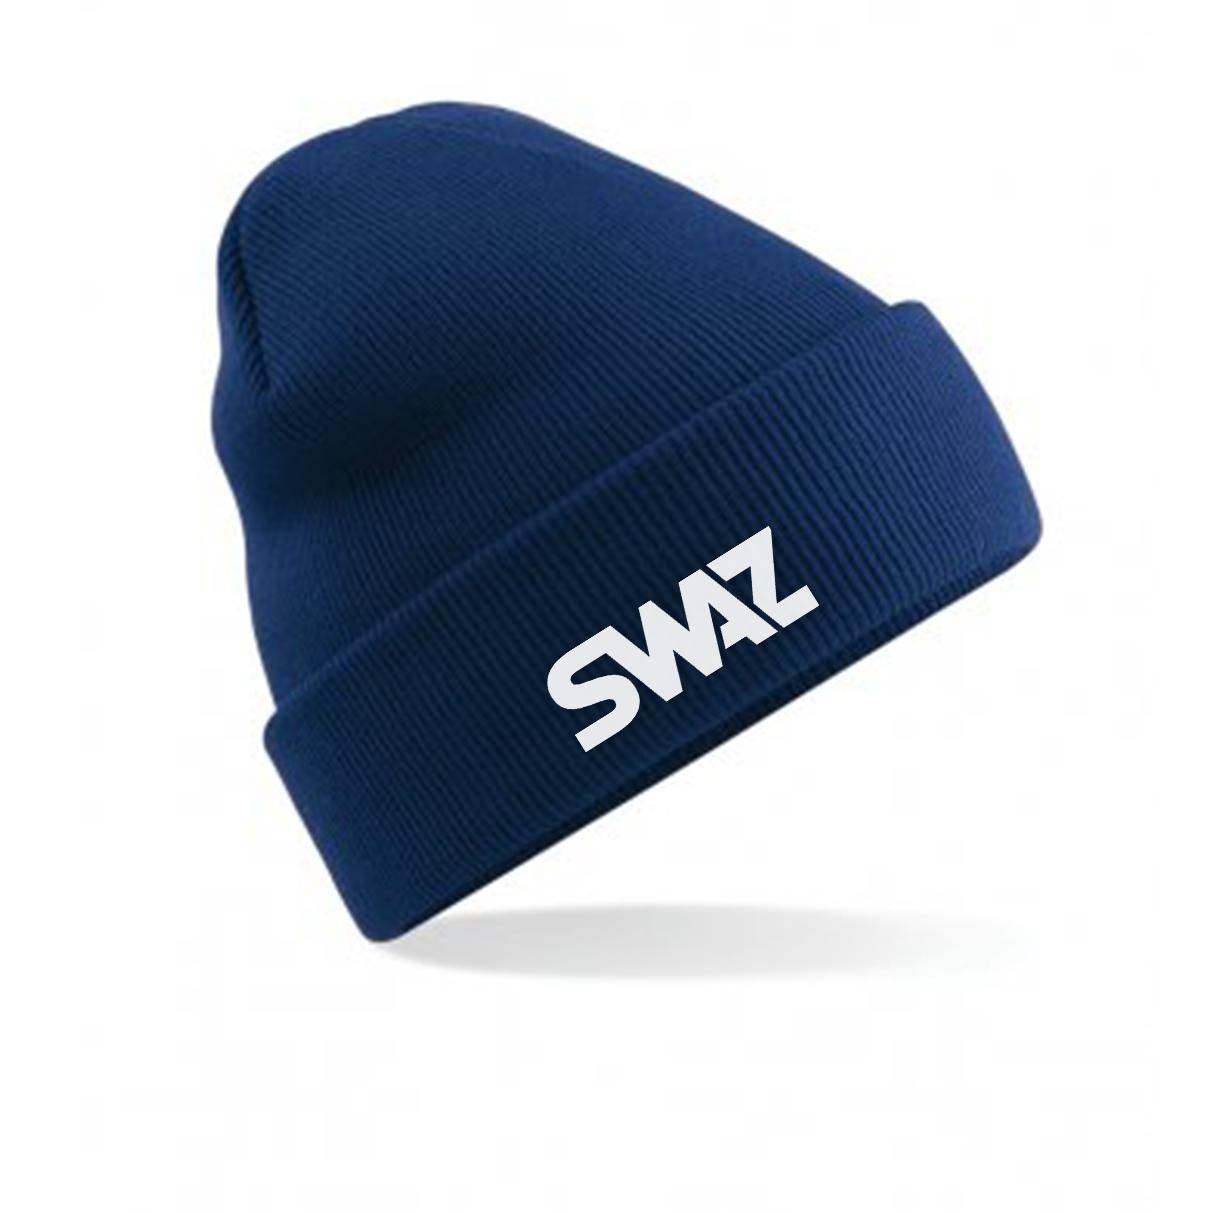 SWAZ Beanie Hat – Navy